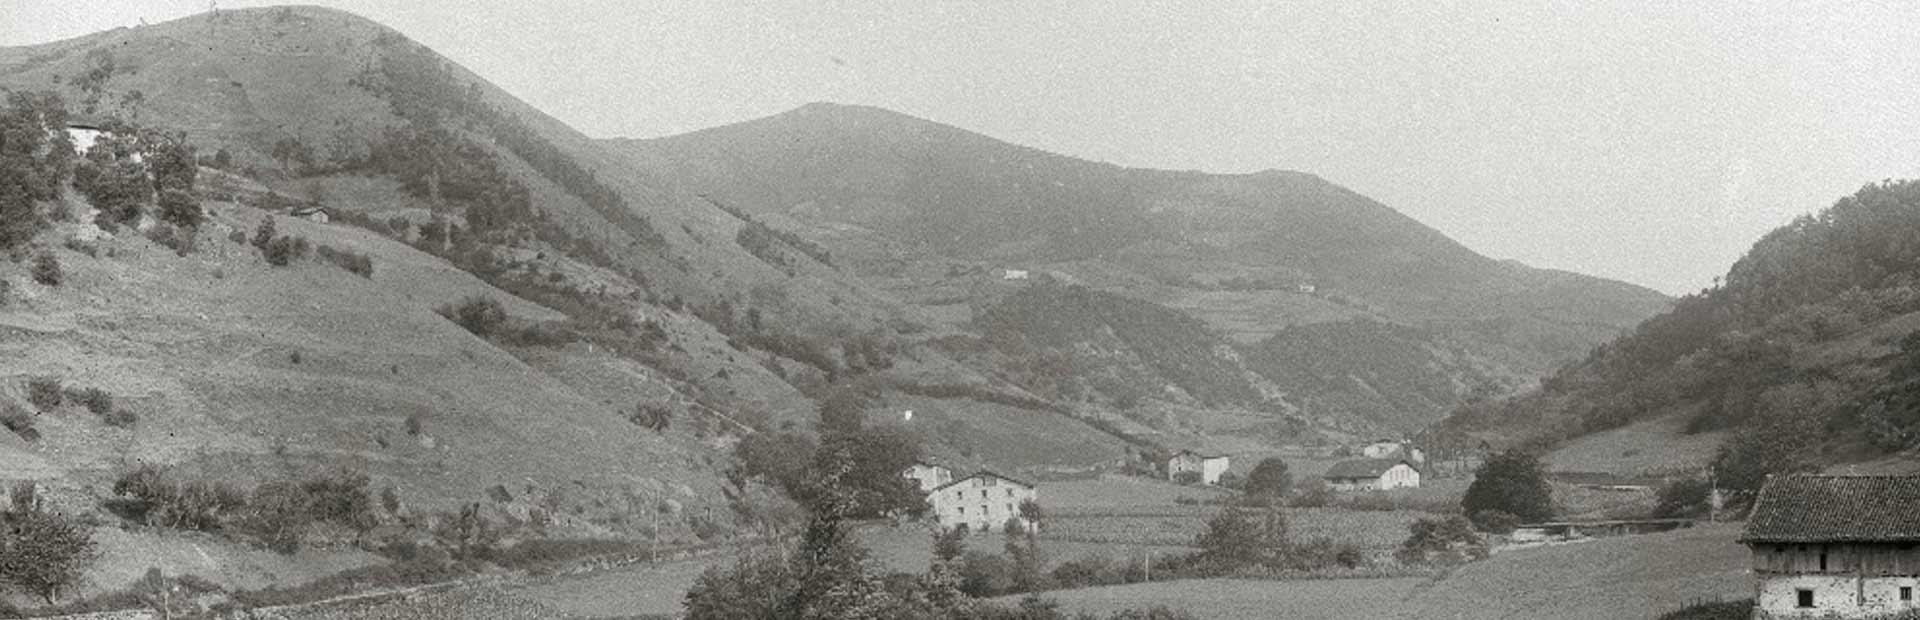 FOTOGRAFÍA DEL VALLE DE ATAUN EN 1940. AUTOR PASCUAL MARÍN. FUENTE: KUTXATEKA